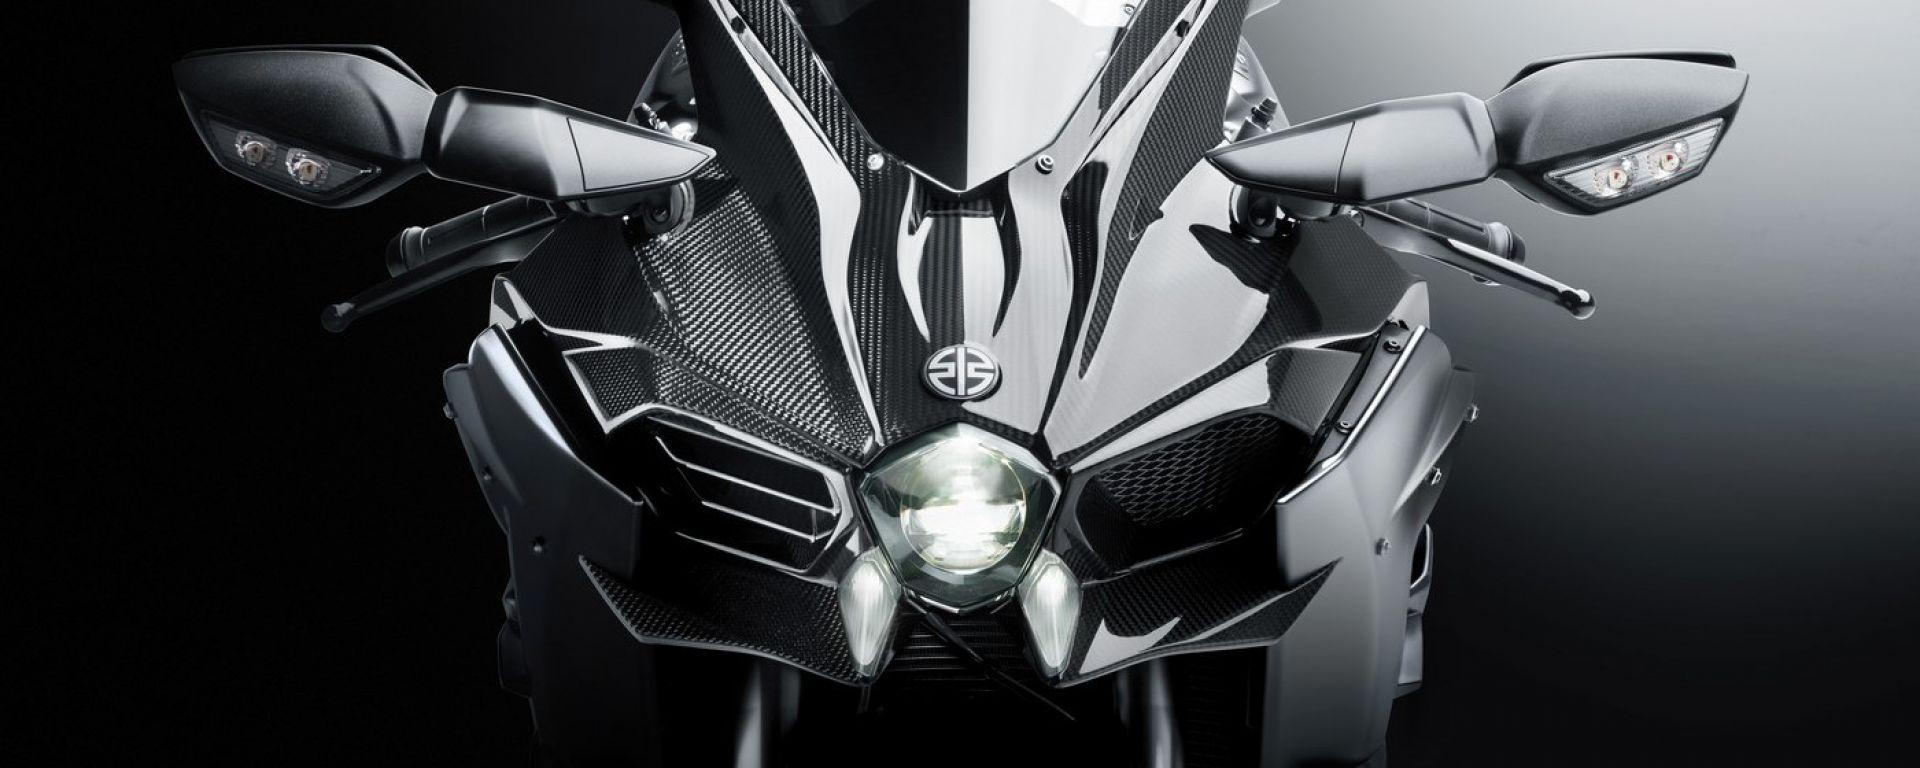 Kawasaki Ninja H2 Carbon: così è ancora più cattiva (e rara)